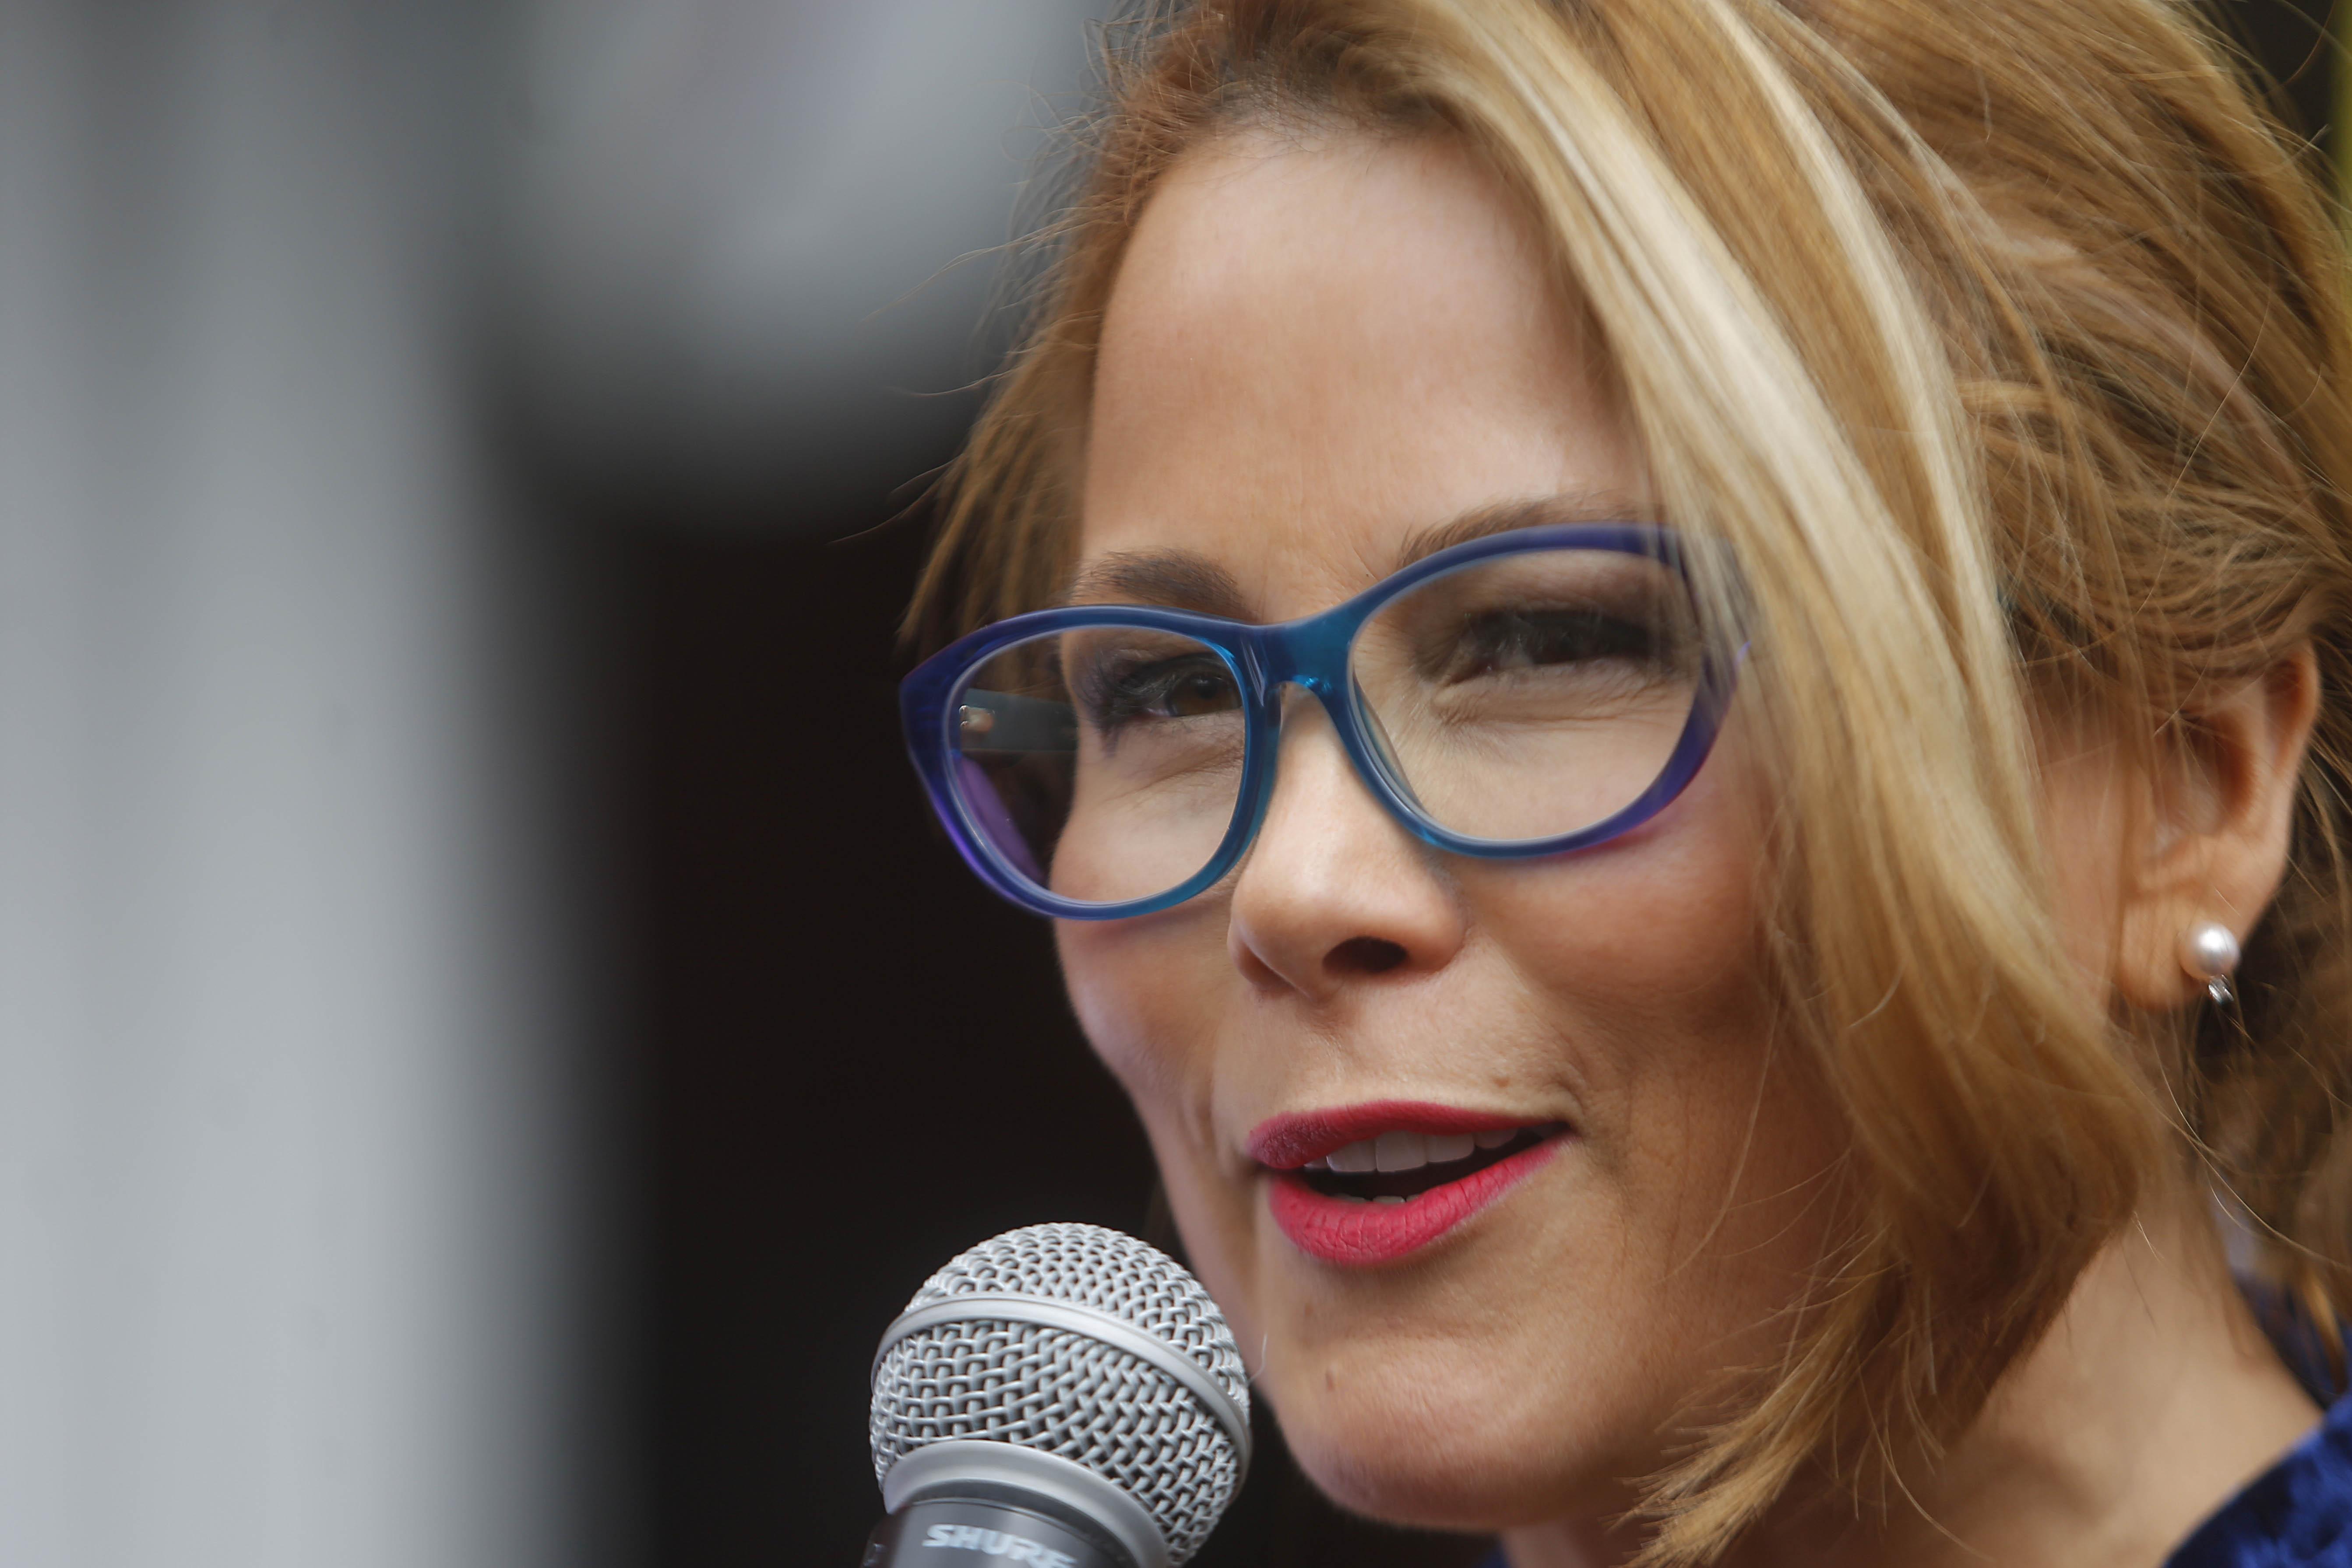 Cathy Barriga transformará Maipú en un Tinder gigante el 14 de febrero